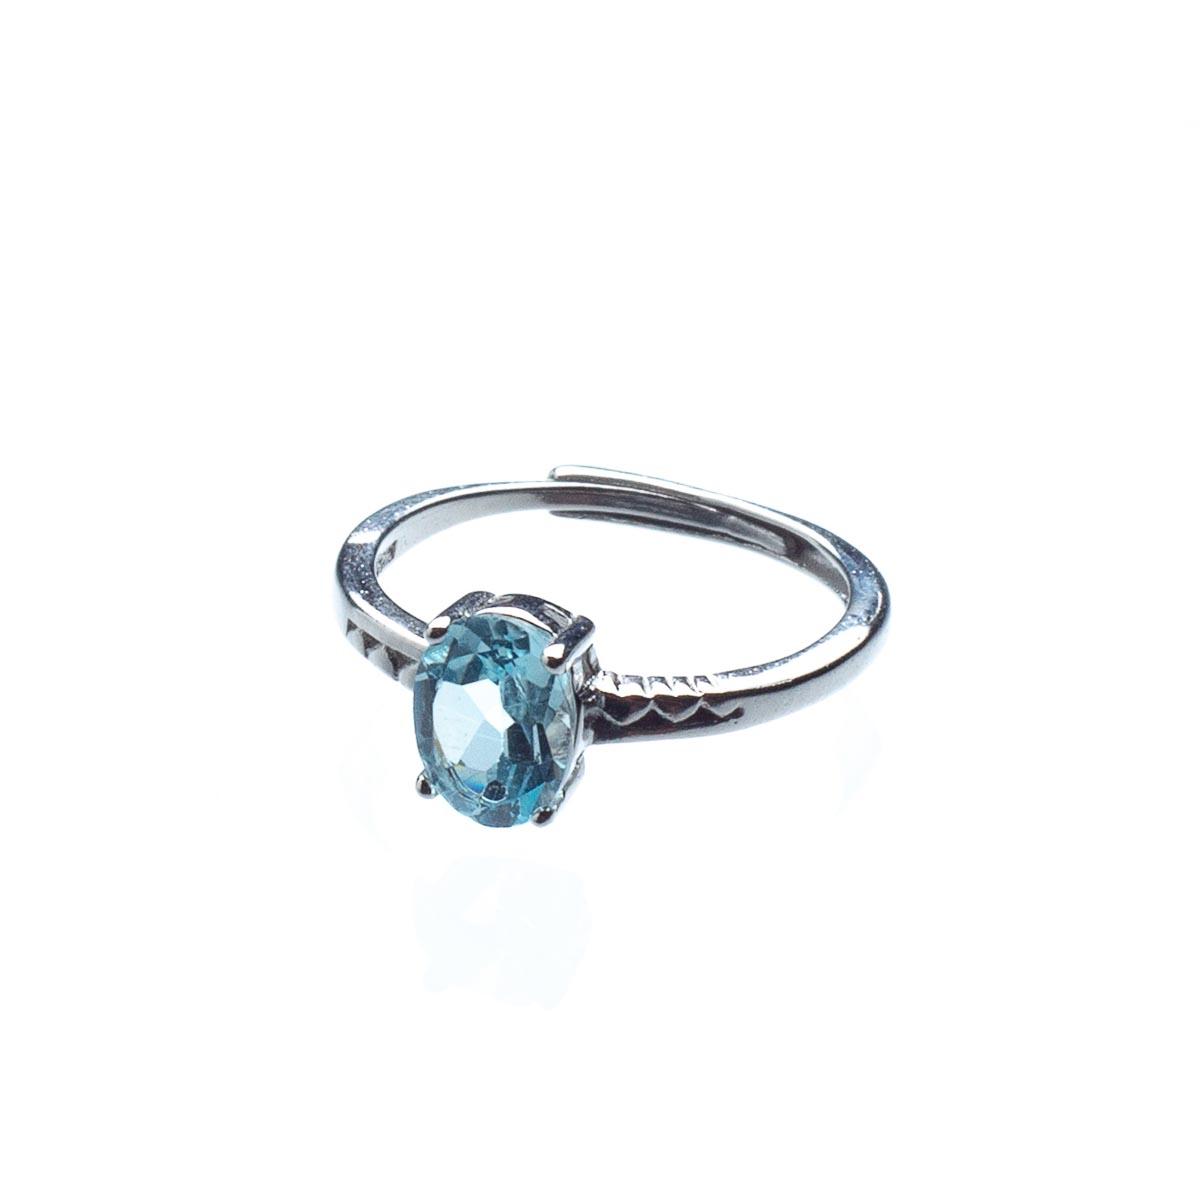 Кольцо из голубого топаза, безразмерное